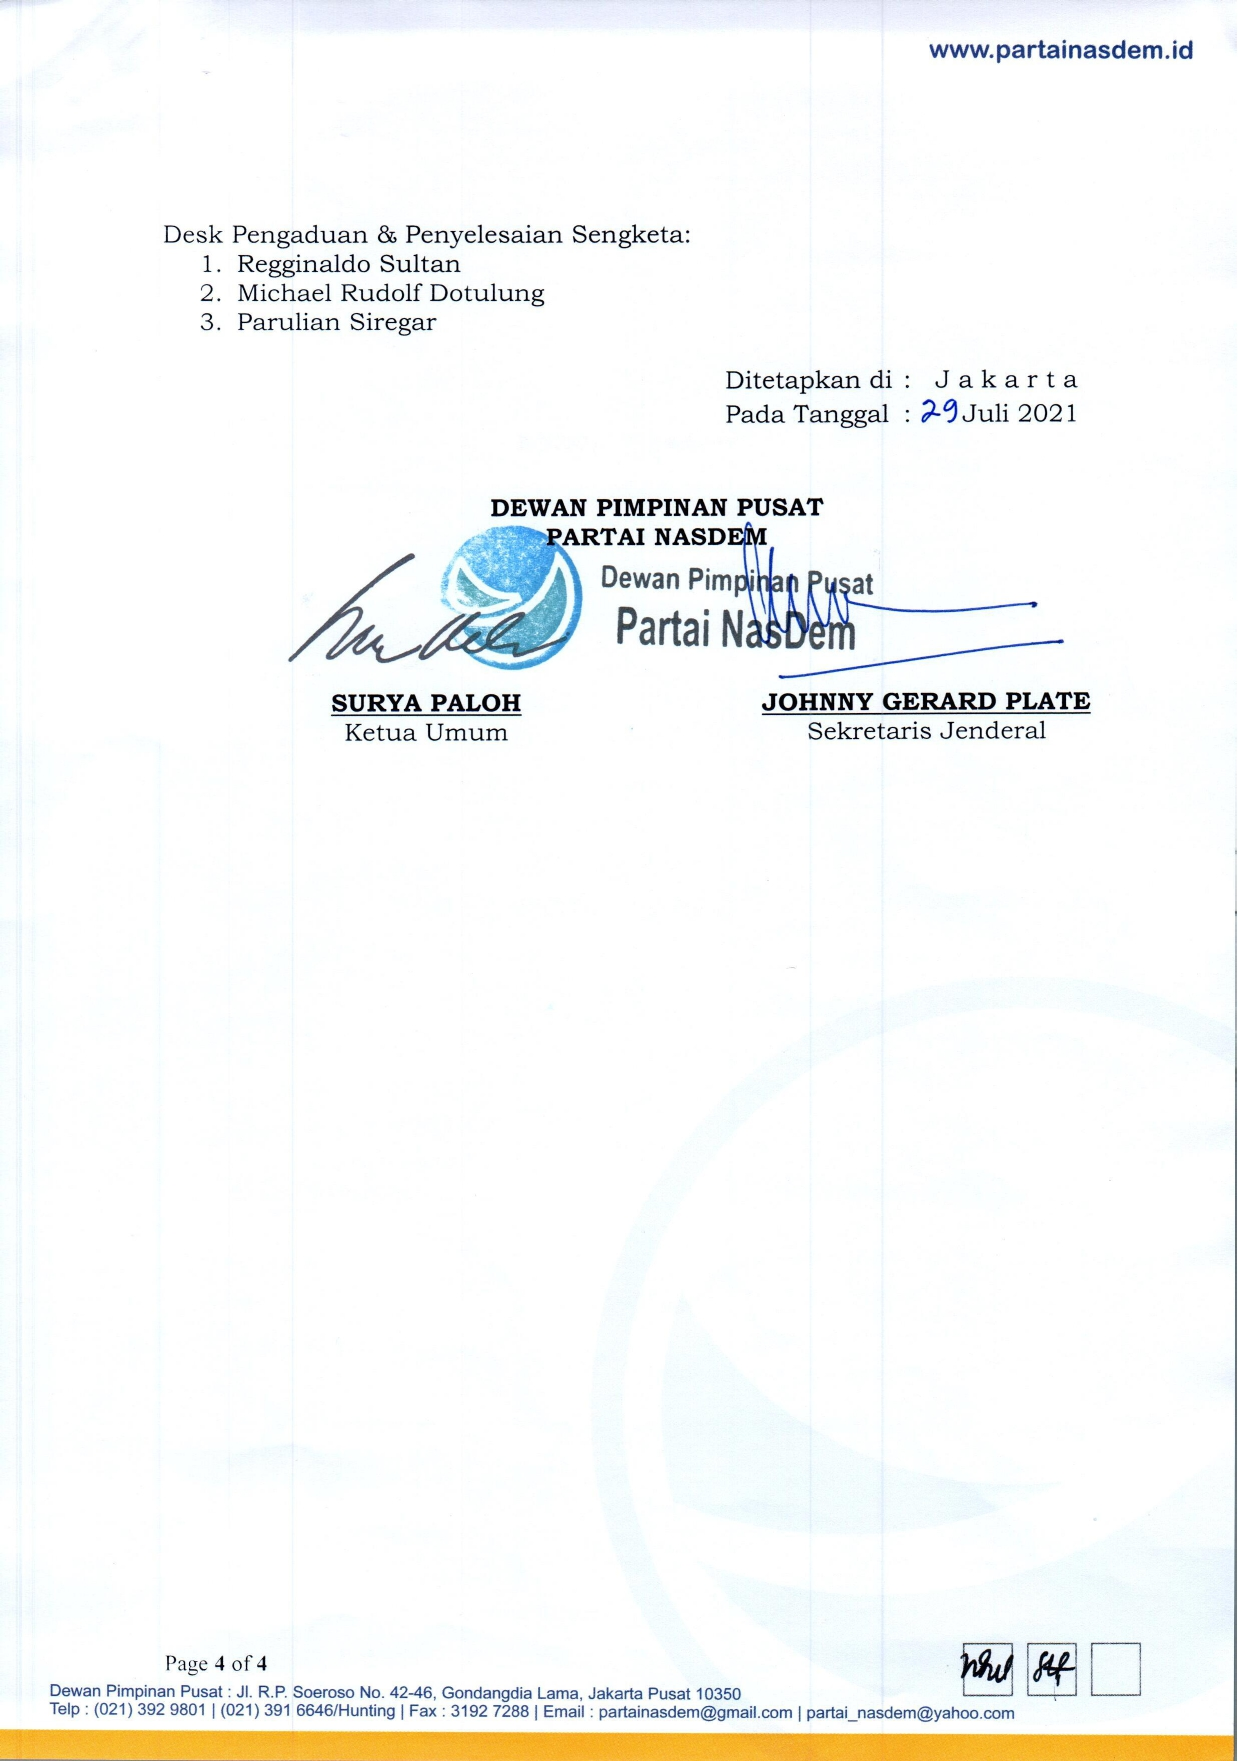 SK-DPP-77-VII-2021_0001_page-0004